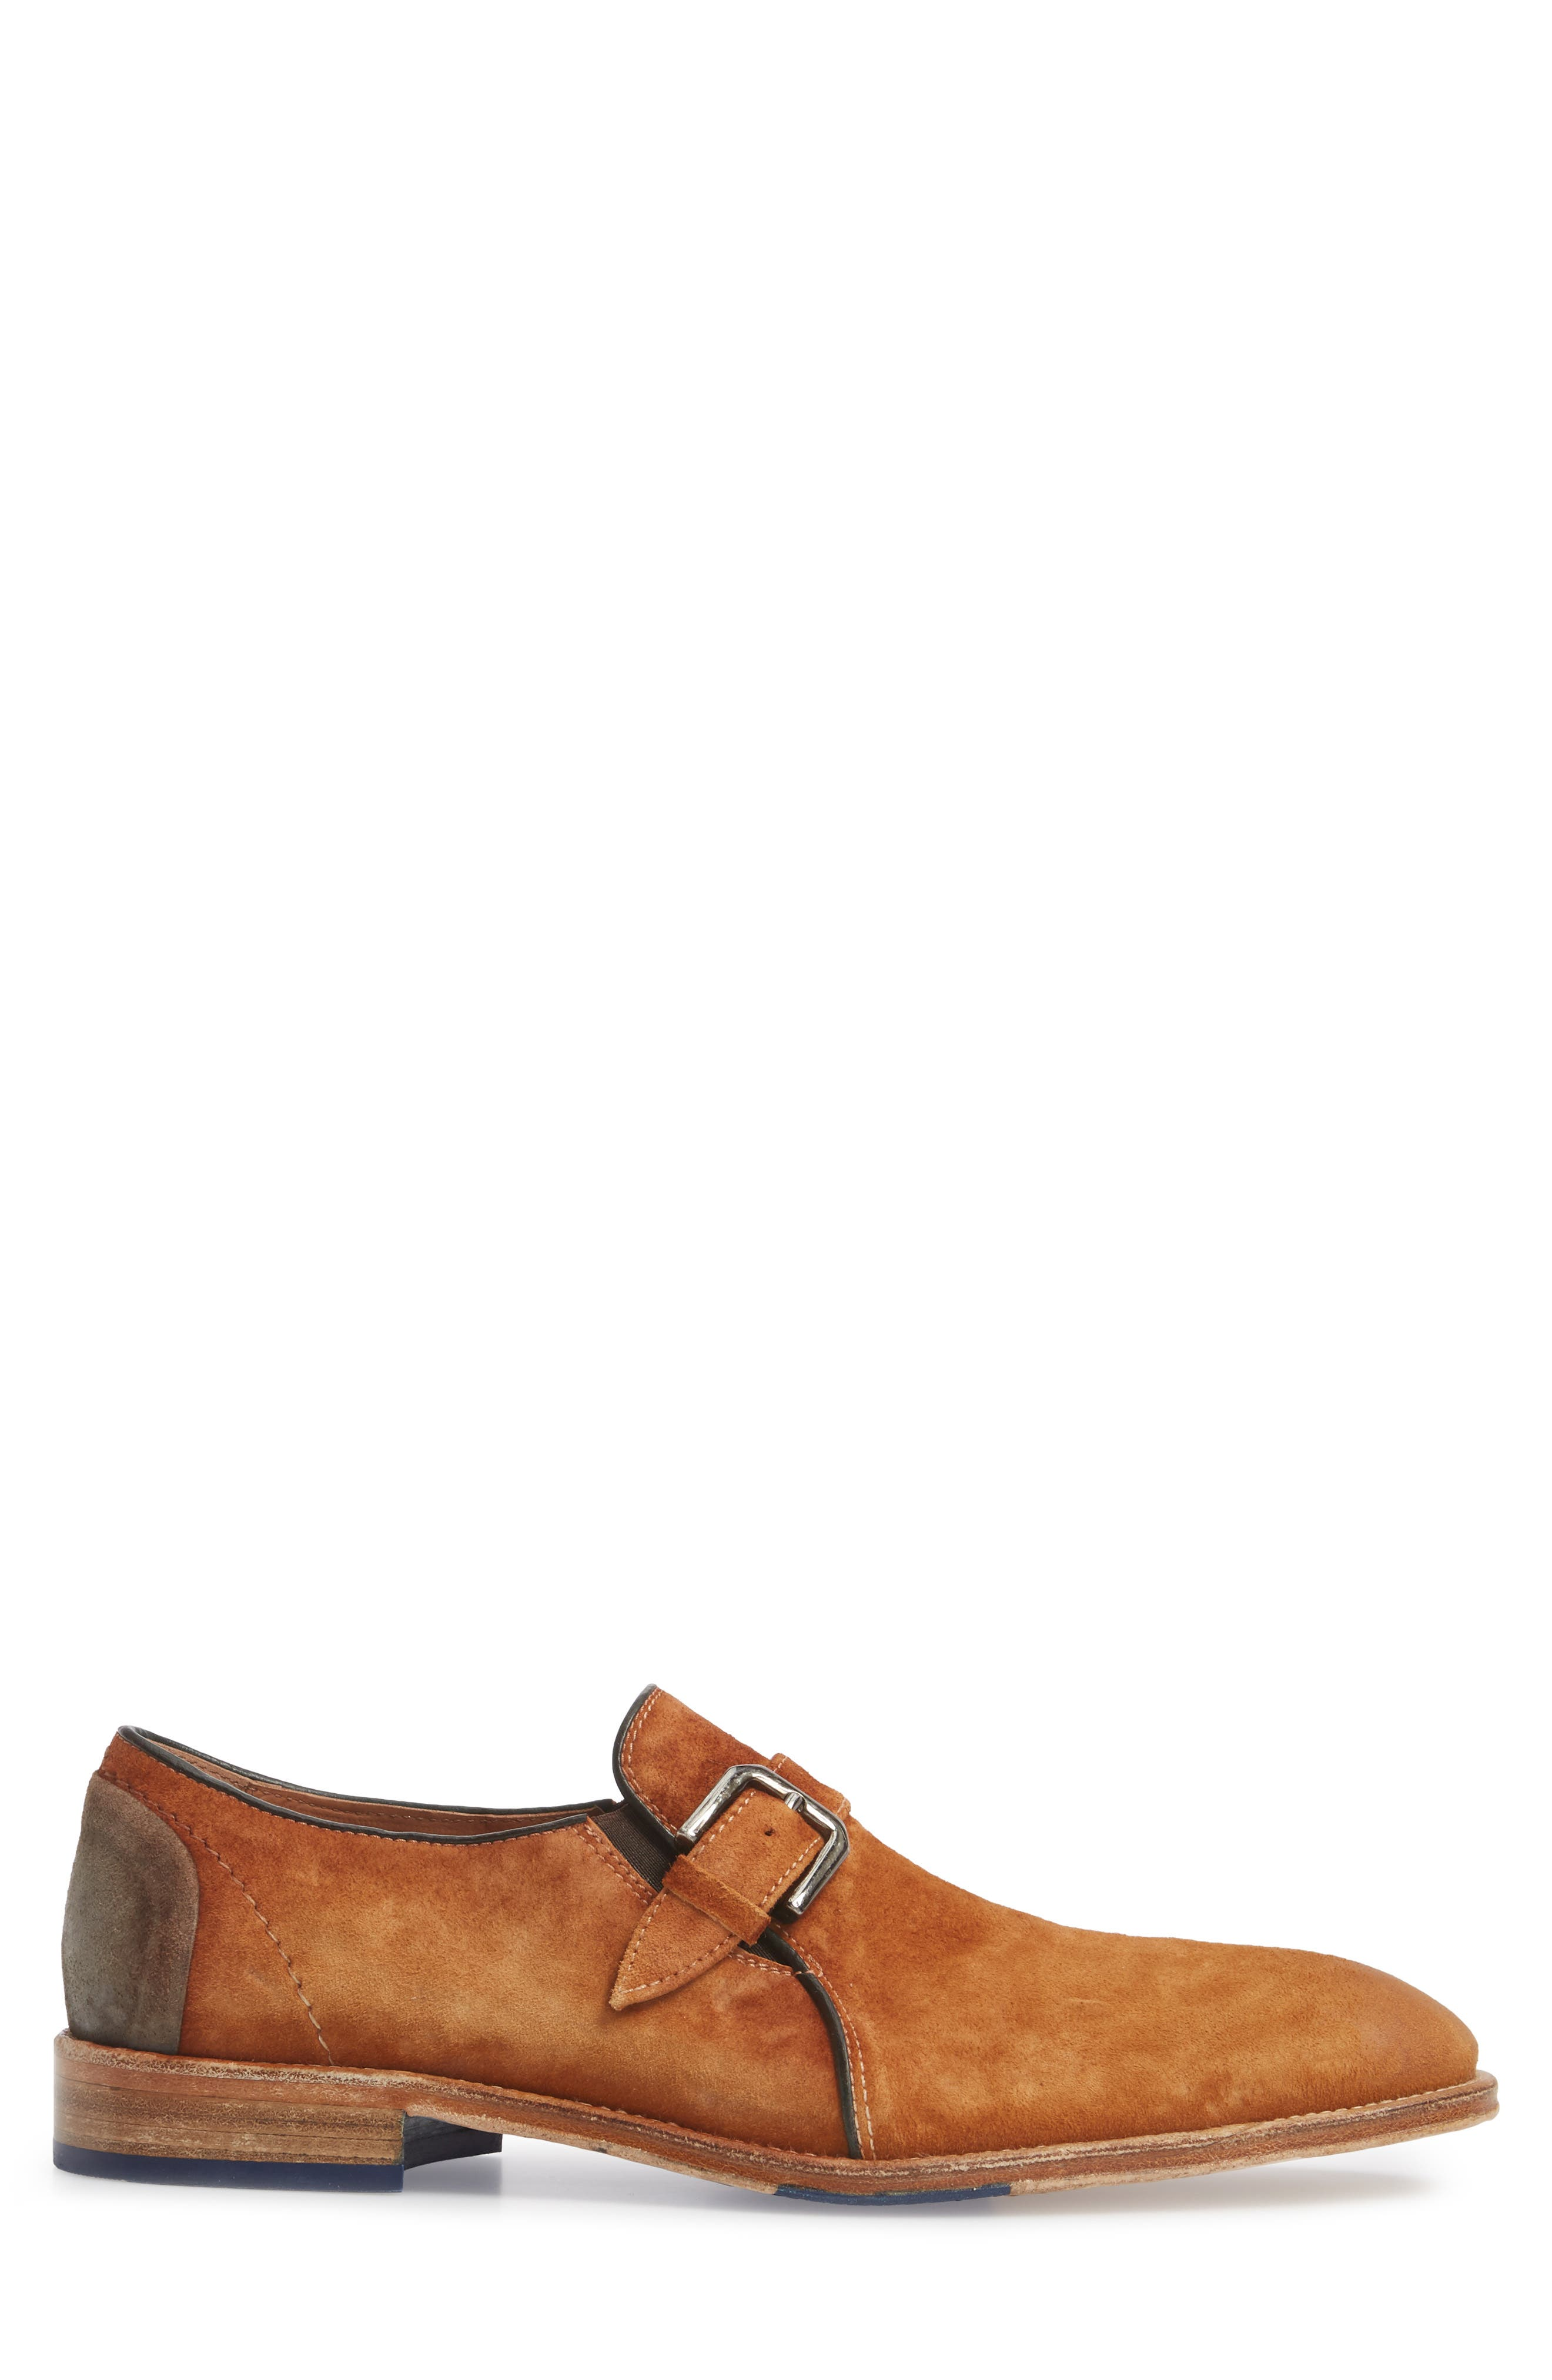 Alex Single Buckle Monk Shoe,                             Alternate thumbnail 3, color,